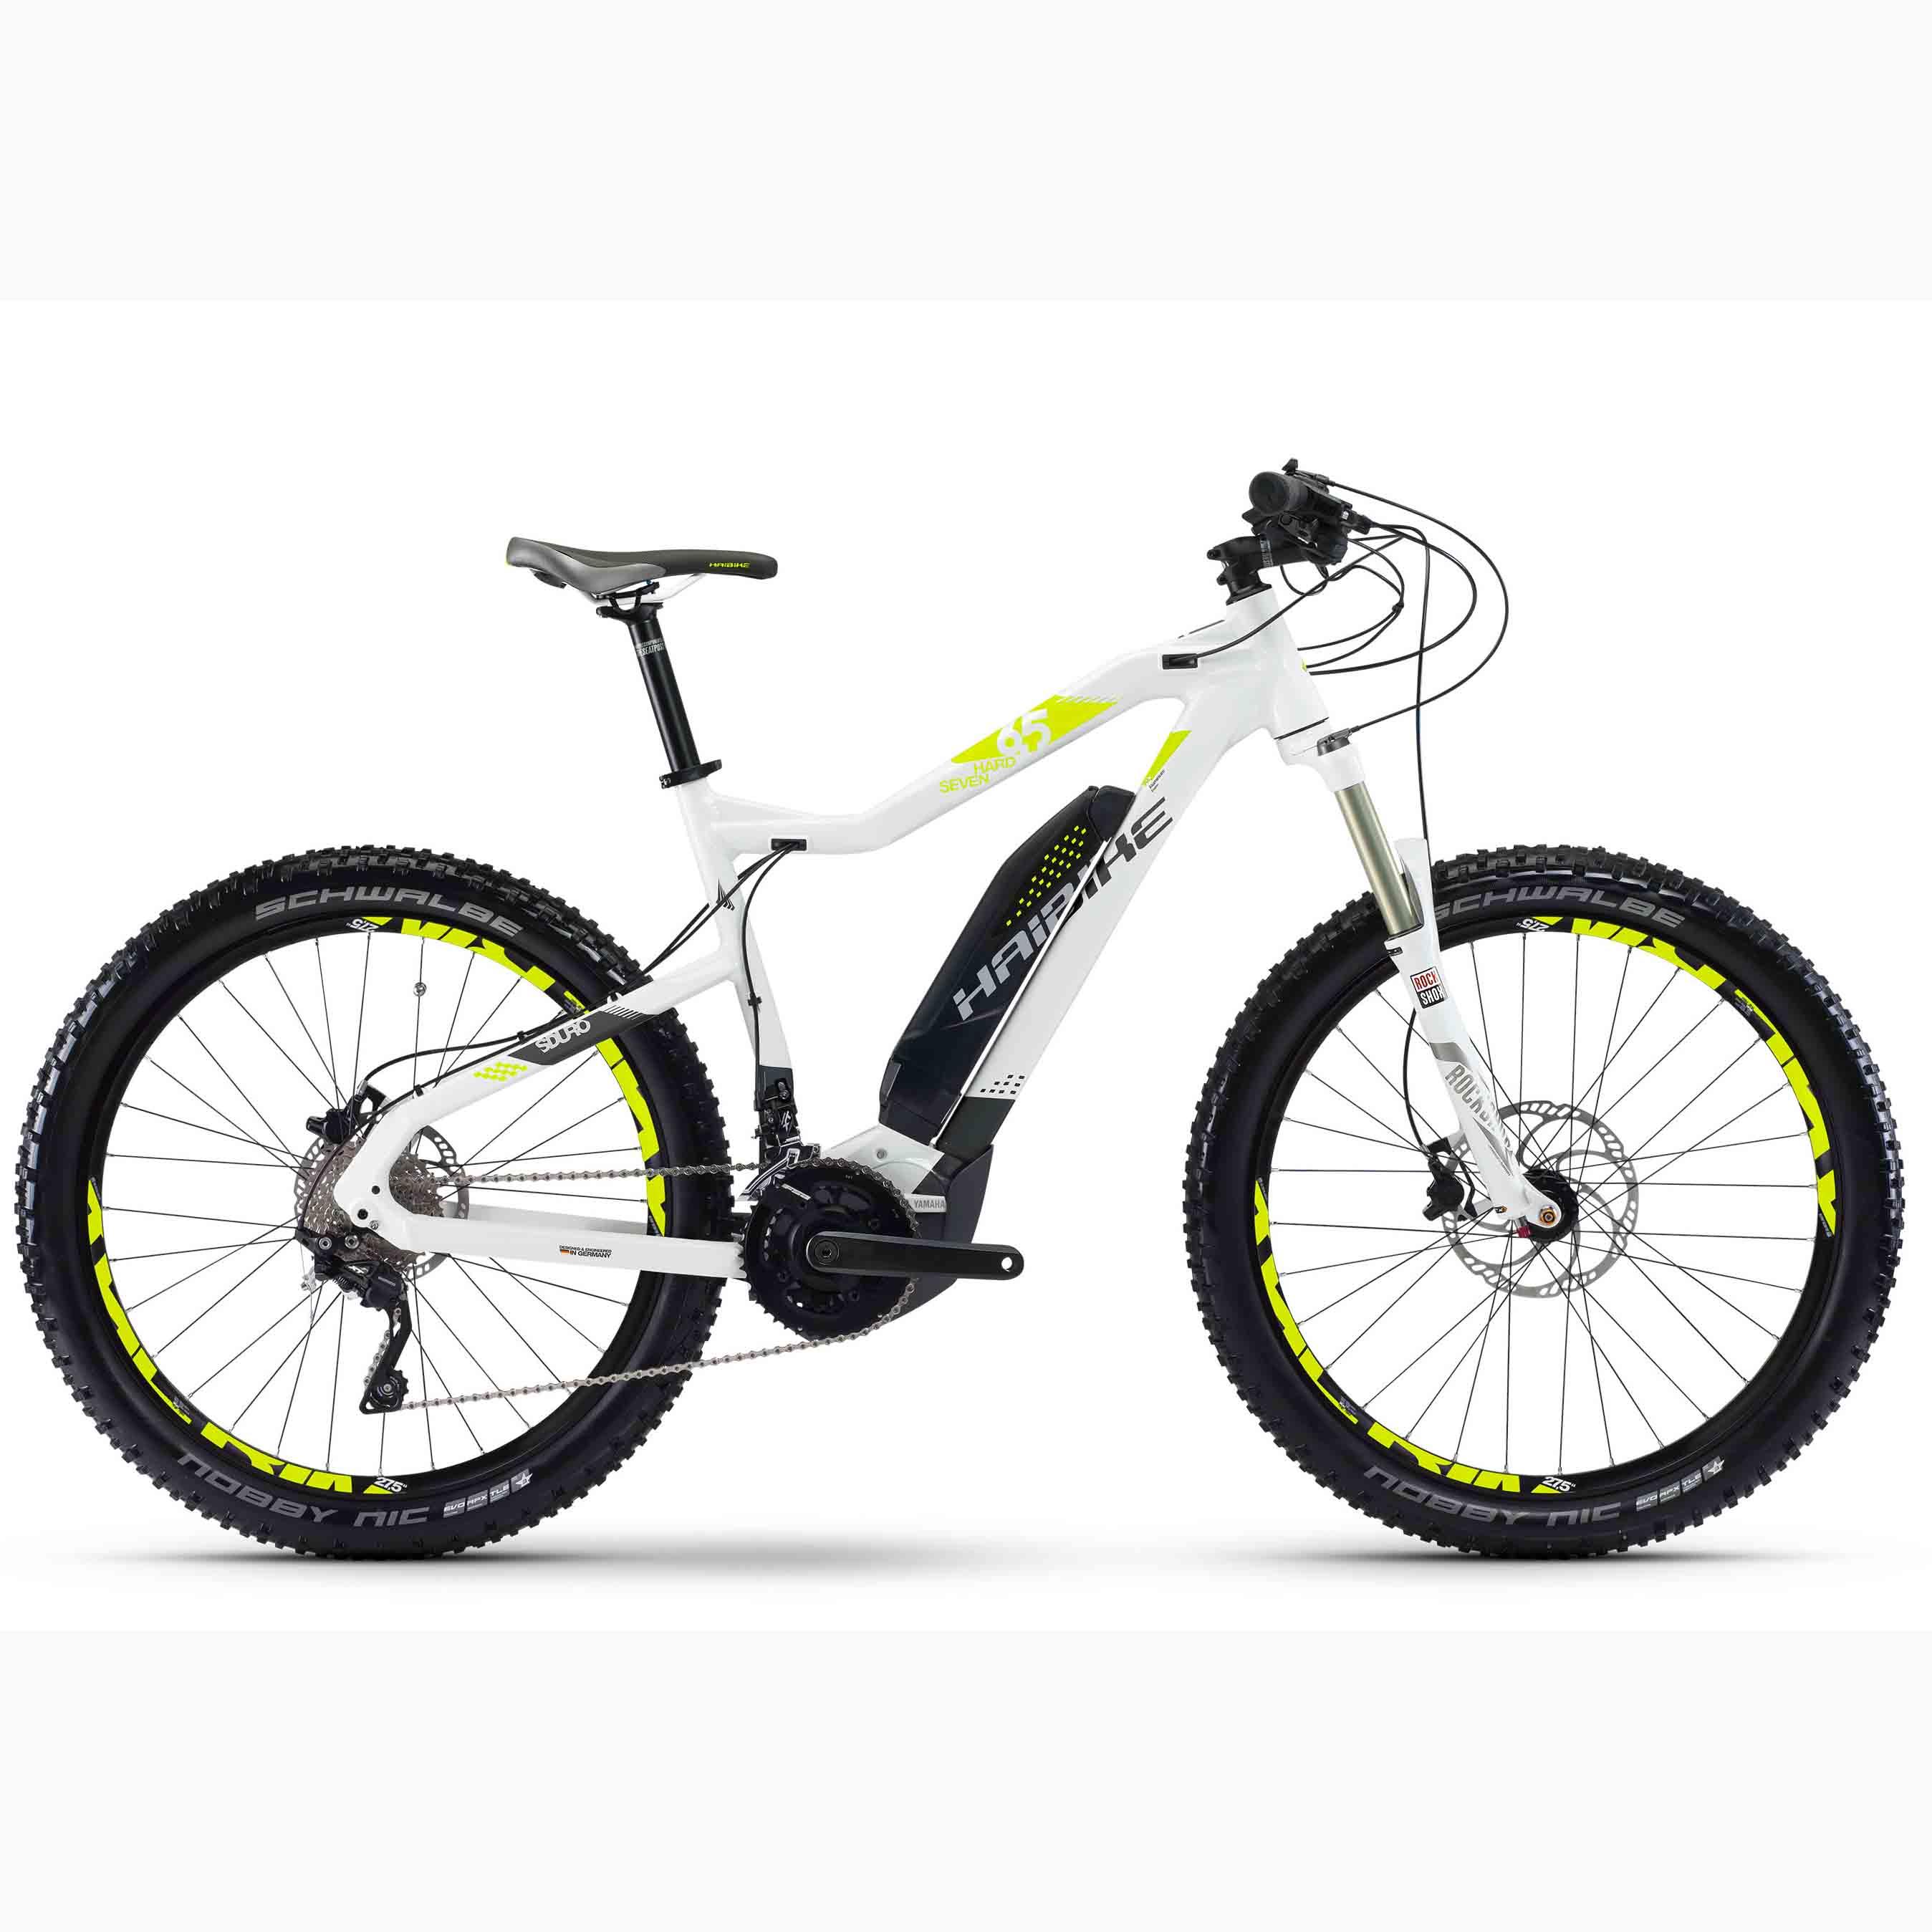 Фото Велосипед Haibike SDURO HardNine 6.5 29″ 500Wh, рама 45см, 2018